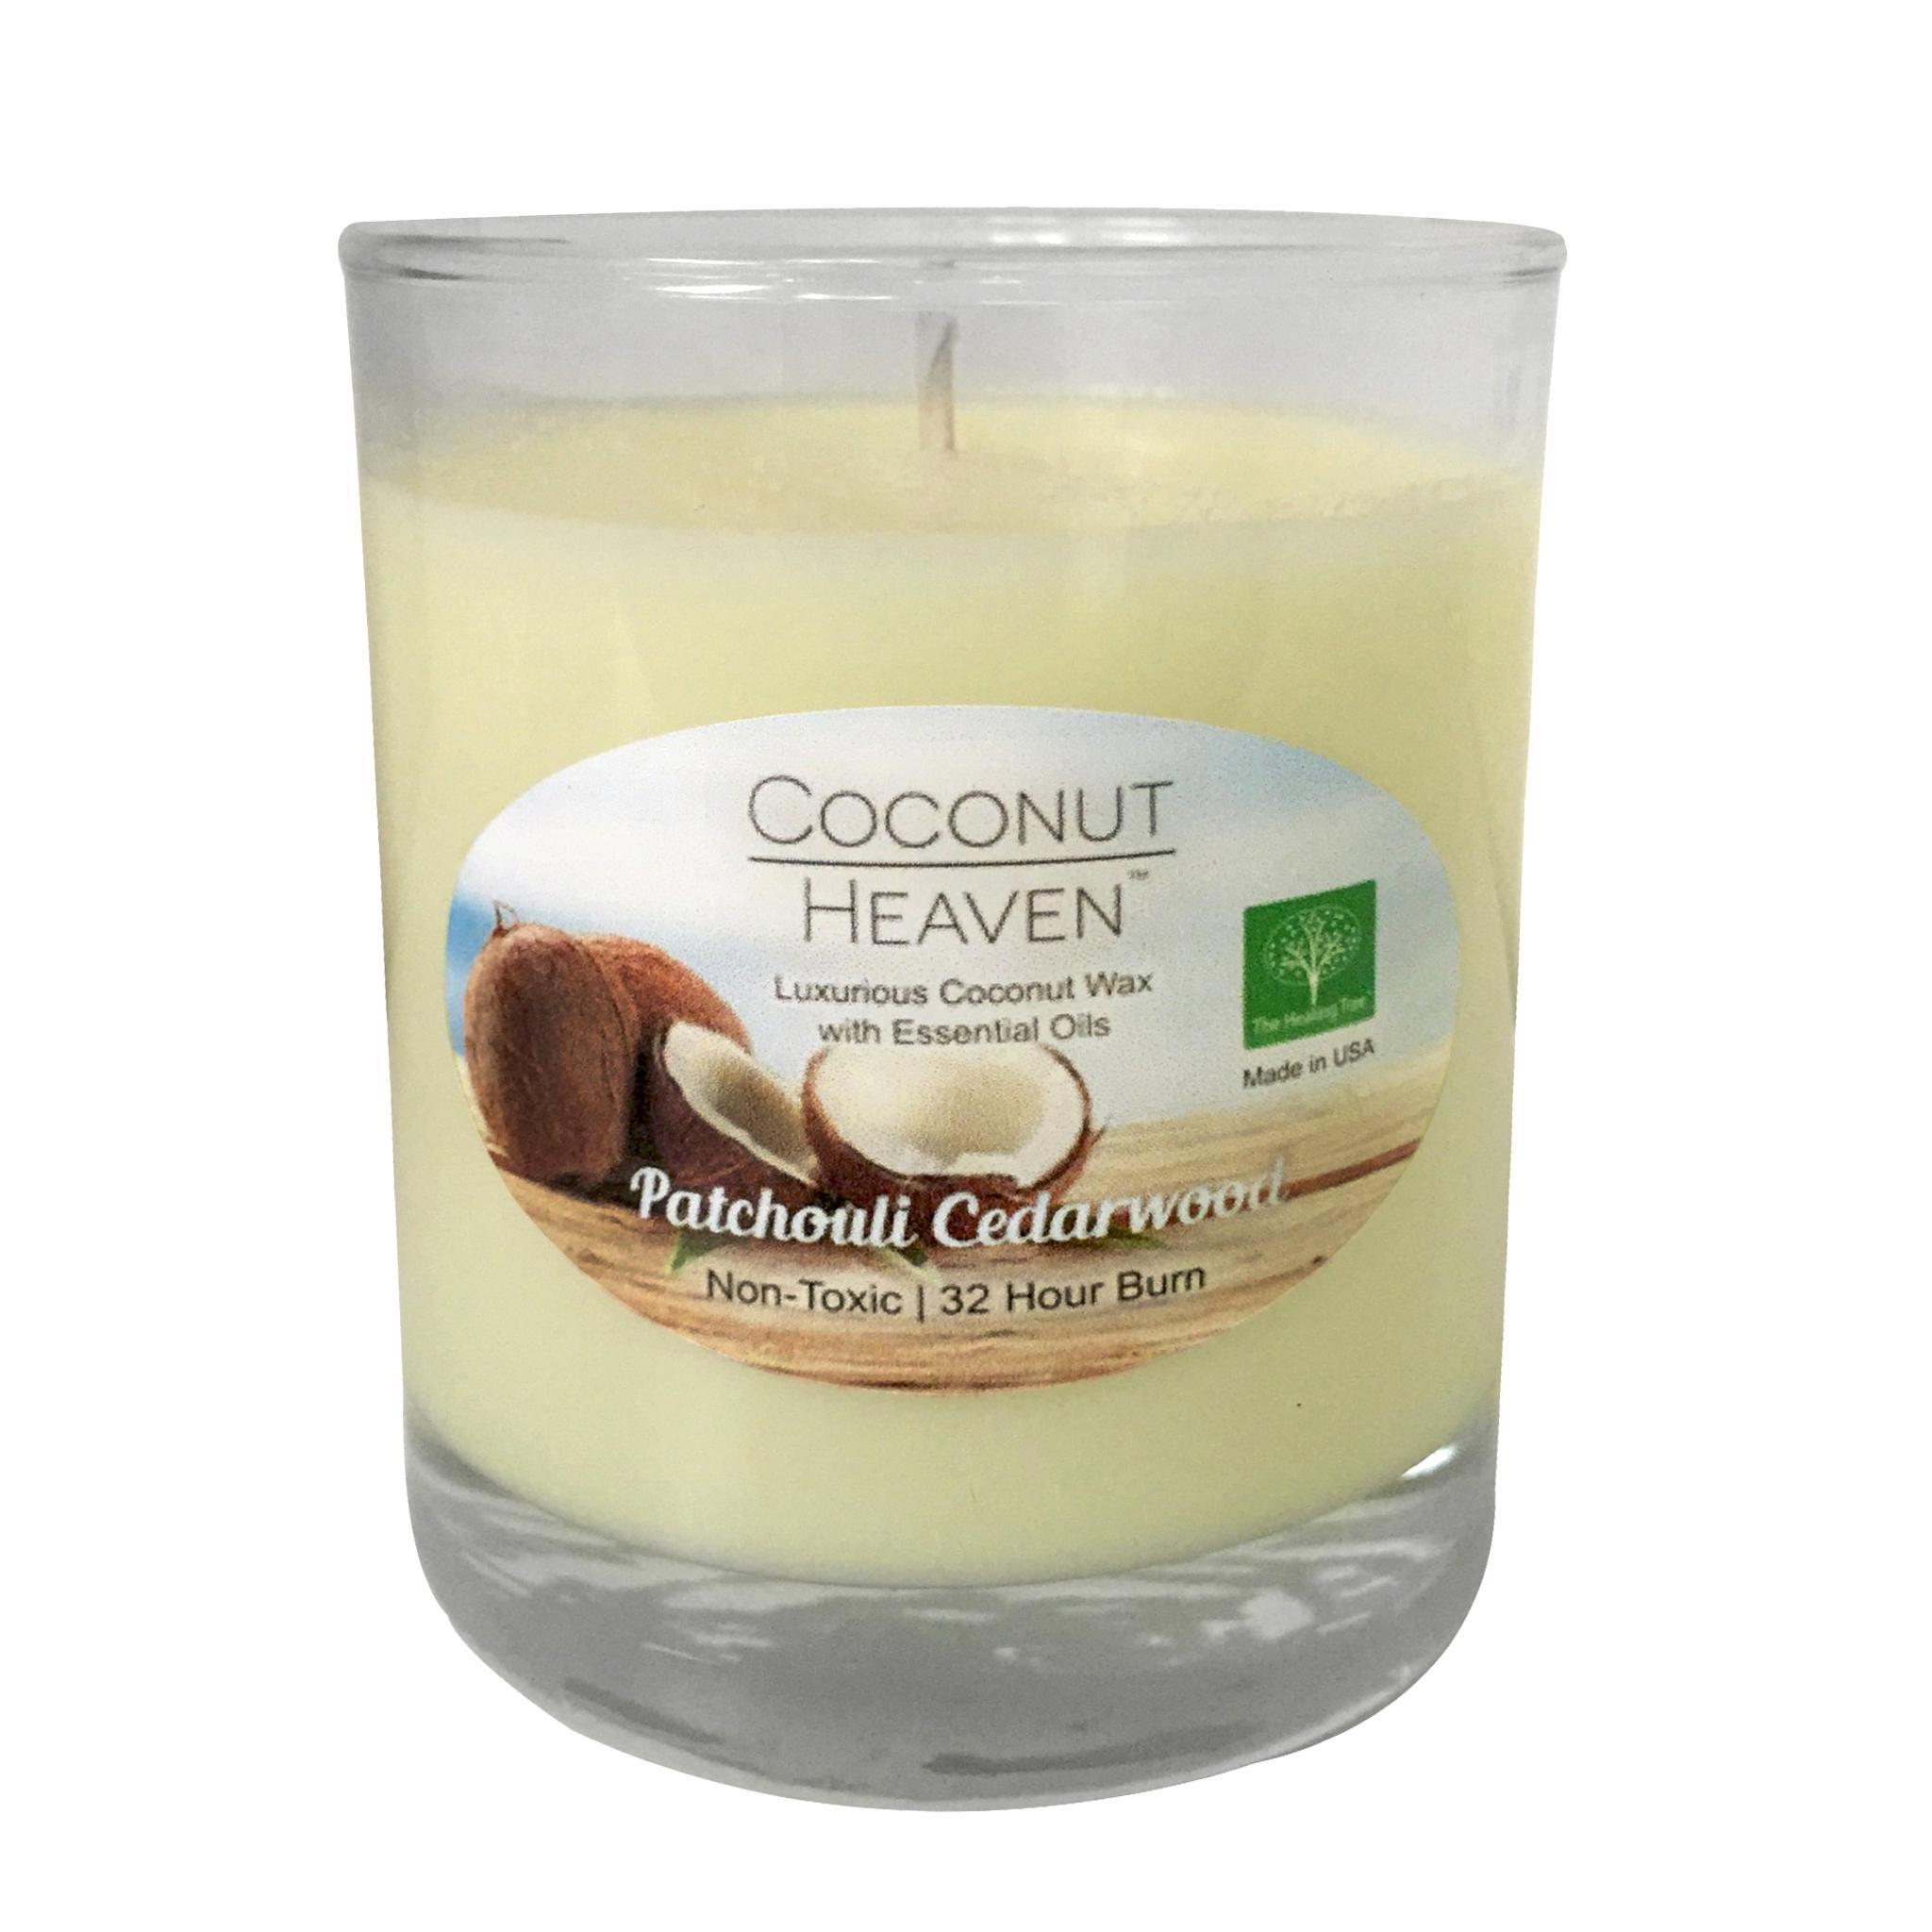 Patchouli Cedarwood Coconut Candle